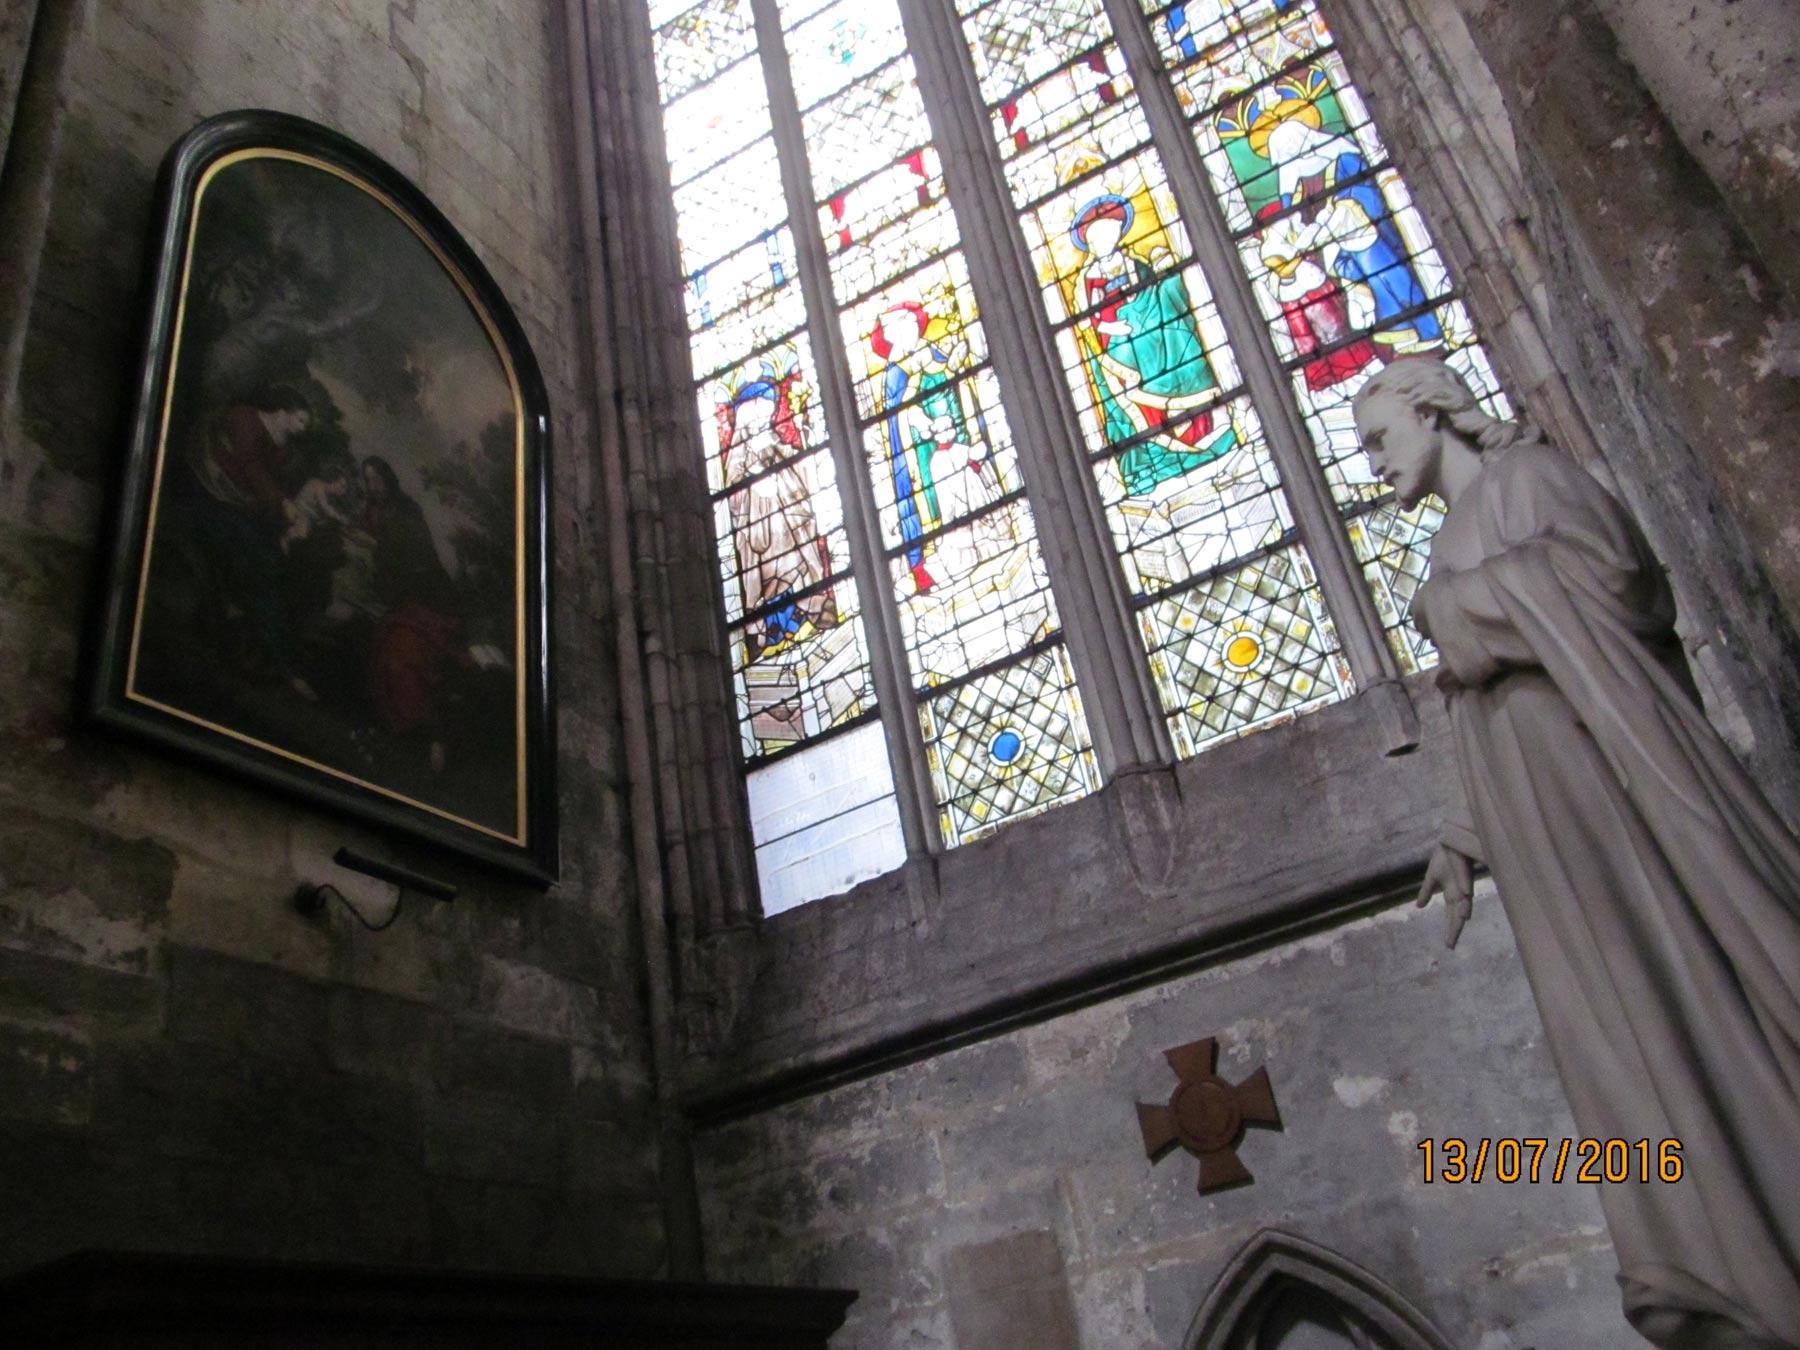 Экскурсия по кафедральному собору в Руане. Мозаика на окнах